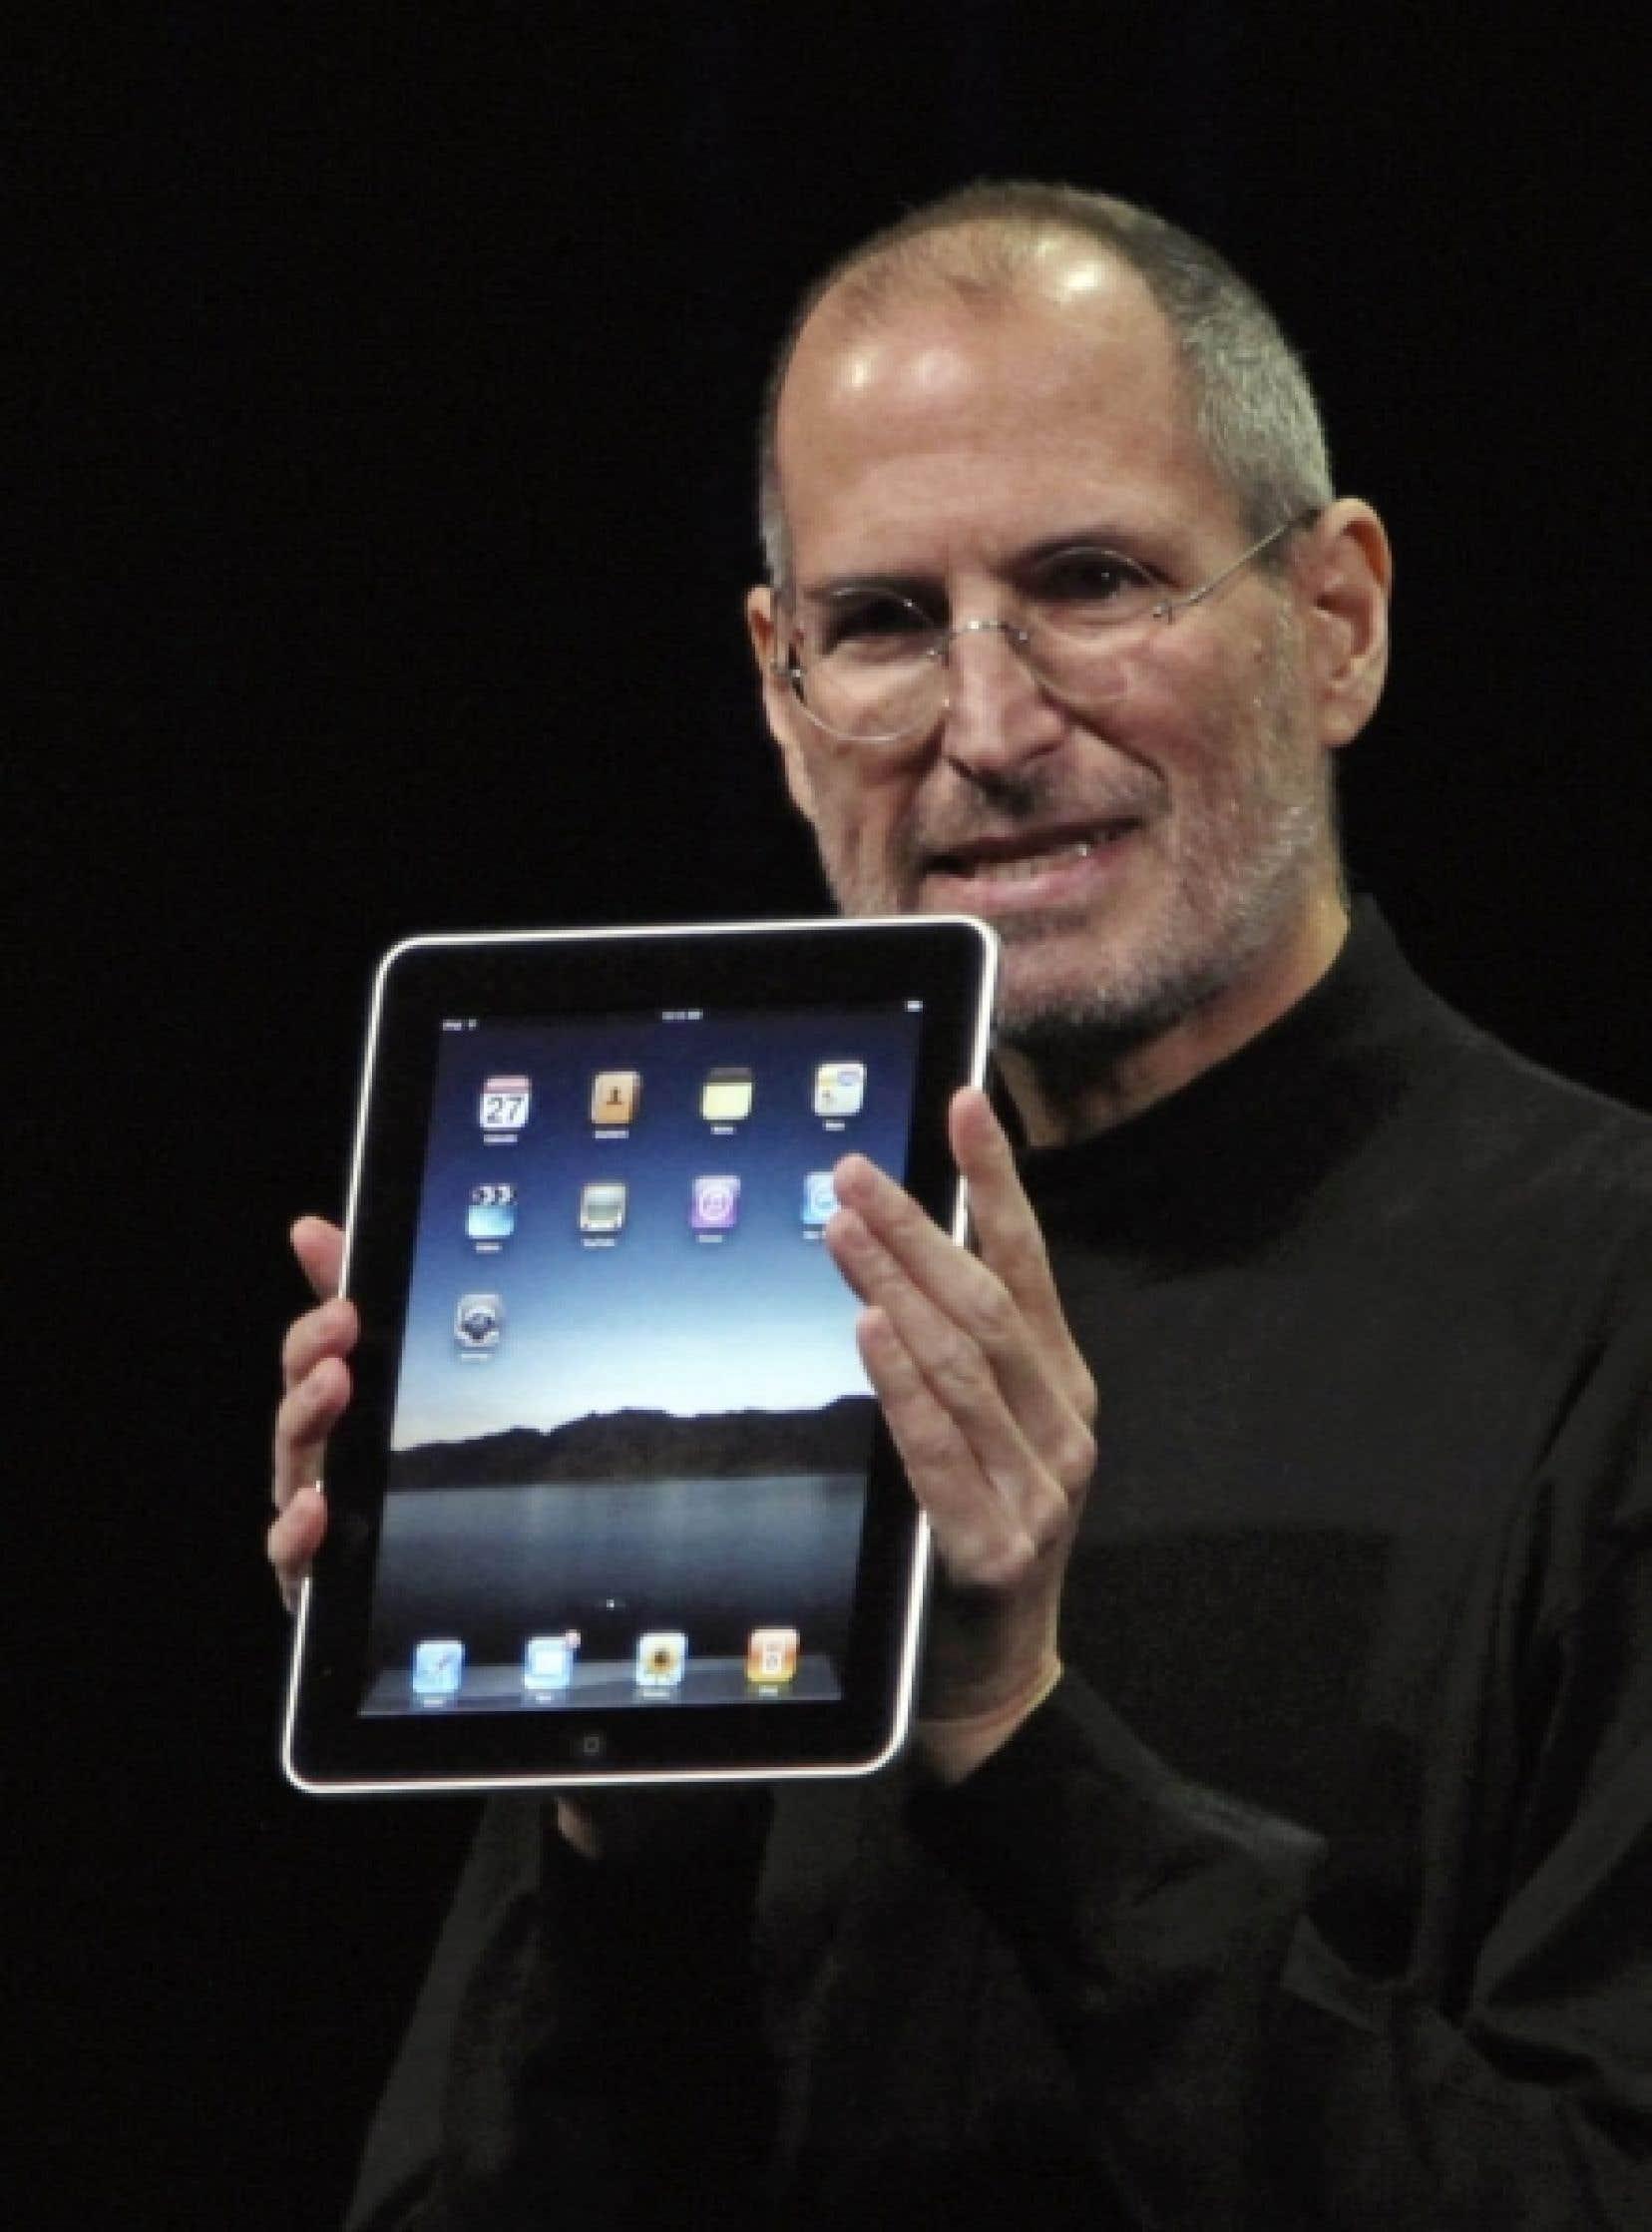 Fidèle à son habitude, Steve Jobs  est monté seul sur une scène épurée hier.